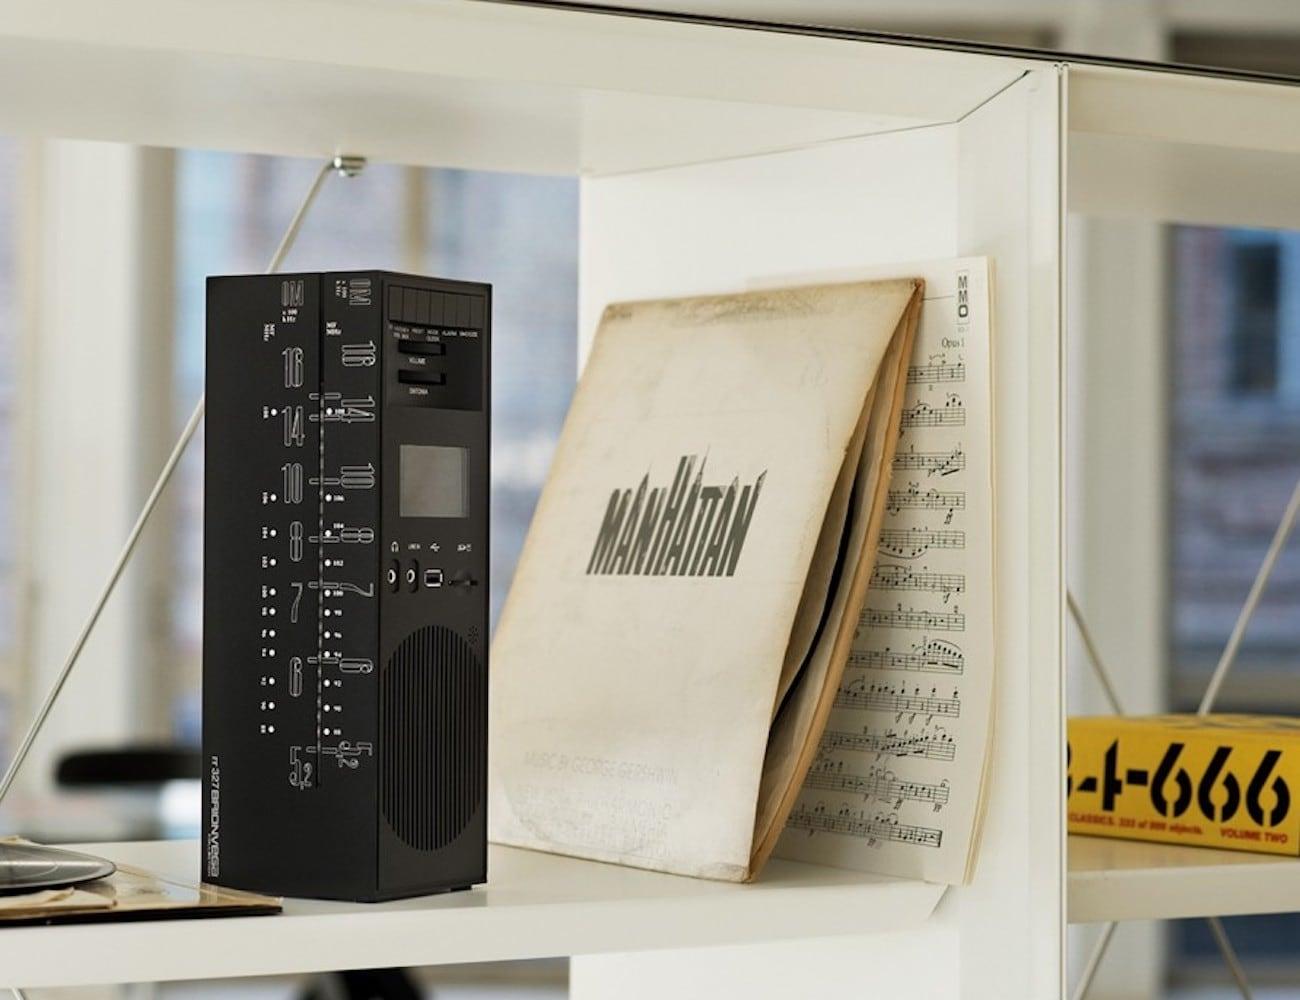 Brionvega Grattacielo Portable Radio Speaker looks like a small skyscraper